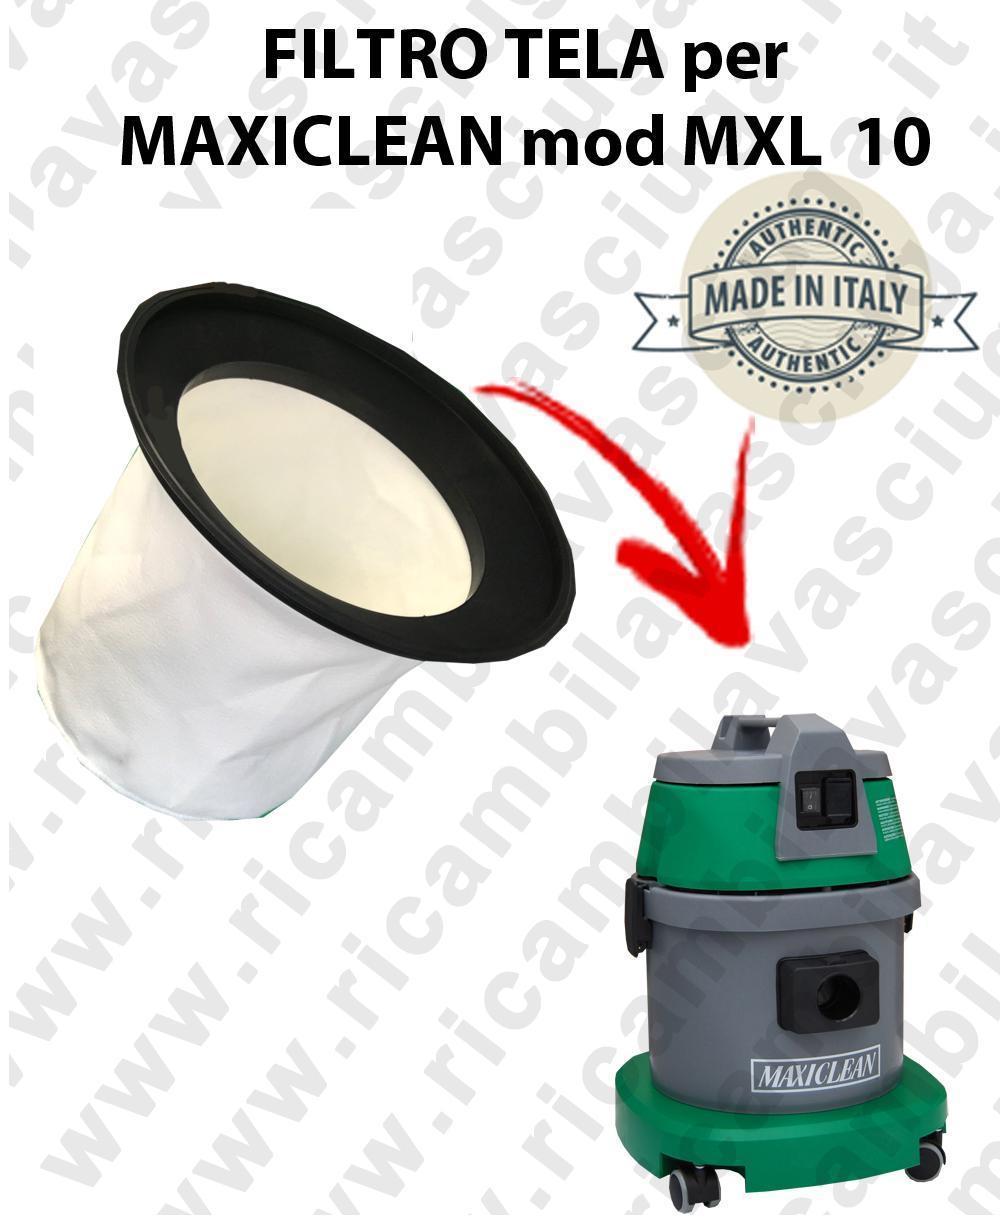 Filtro de tela para aspiradora MAXICLEAN Model MXL10 - BY SYNCLEAN